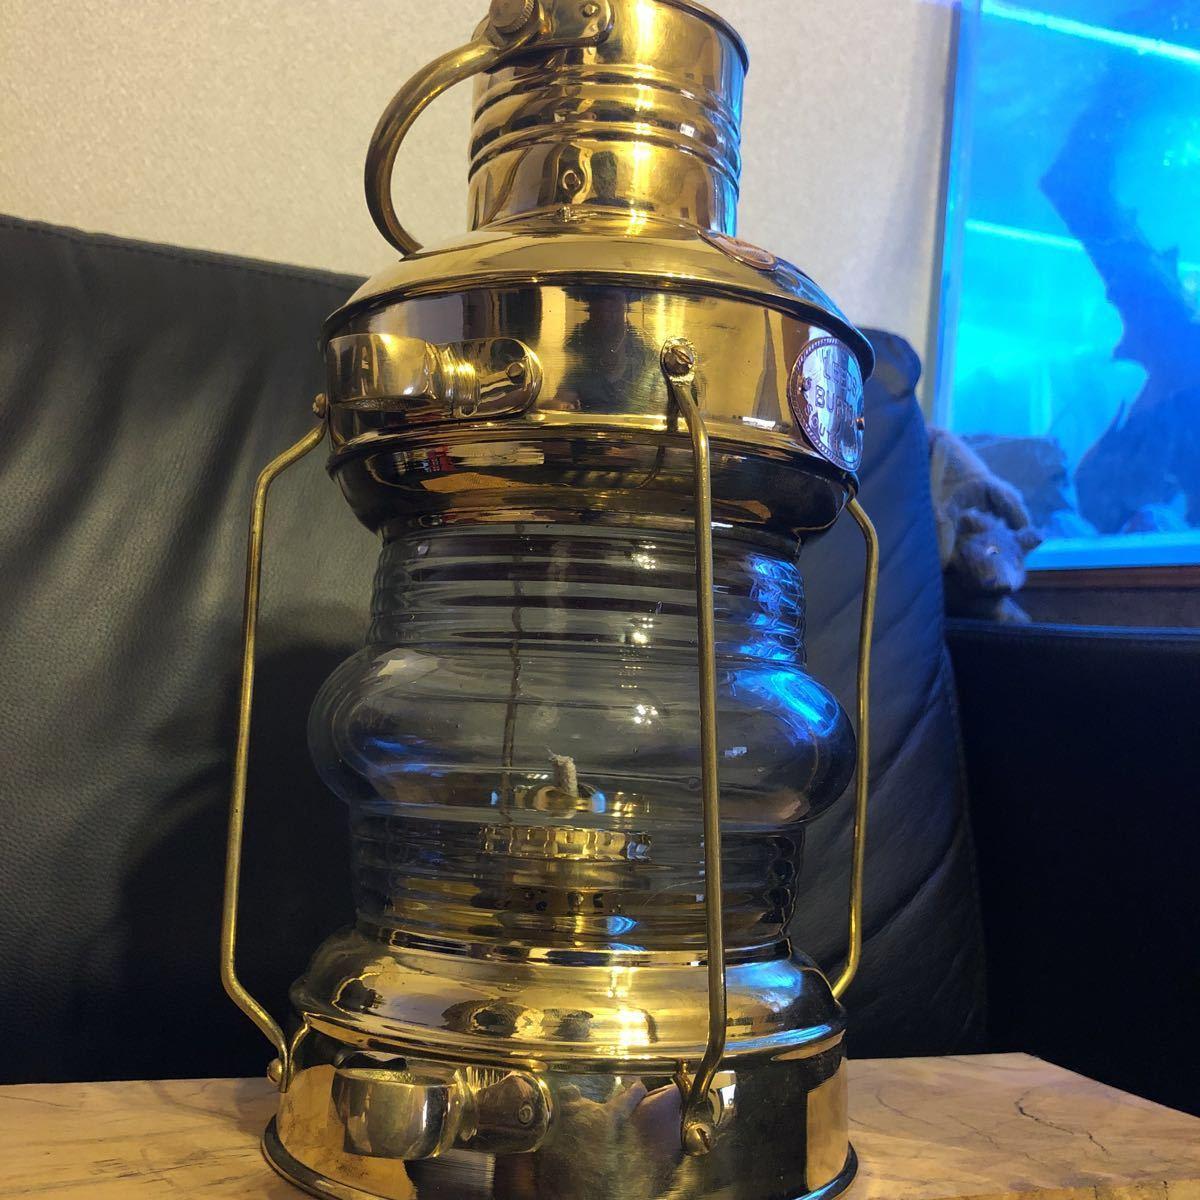 物が増え過ぎました。真鍮 ブラス ランタン ケロシン ランタン アルコール ランプ マイナー ランプ ネルソン マリンランプ カンテラ_画像10